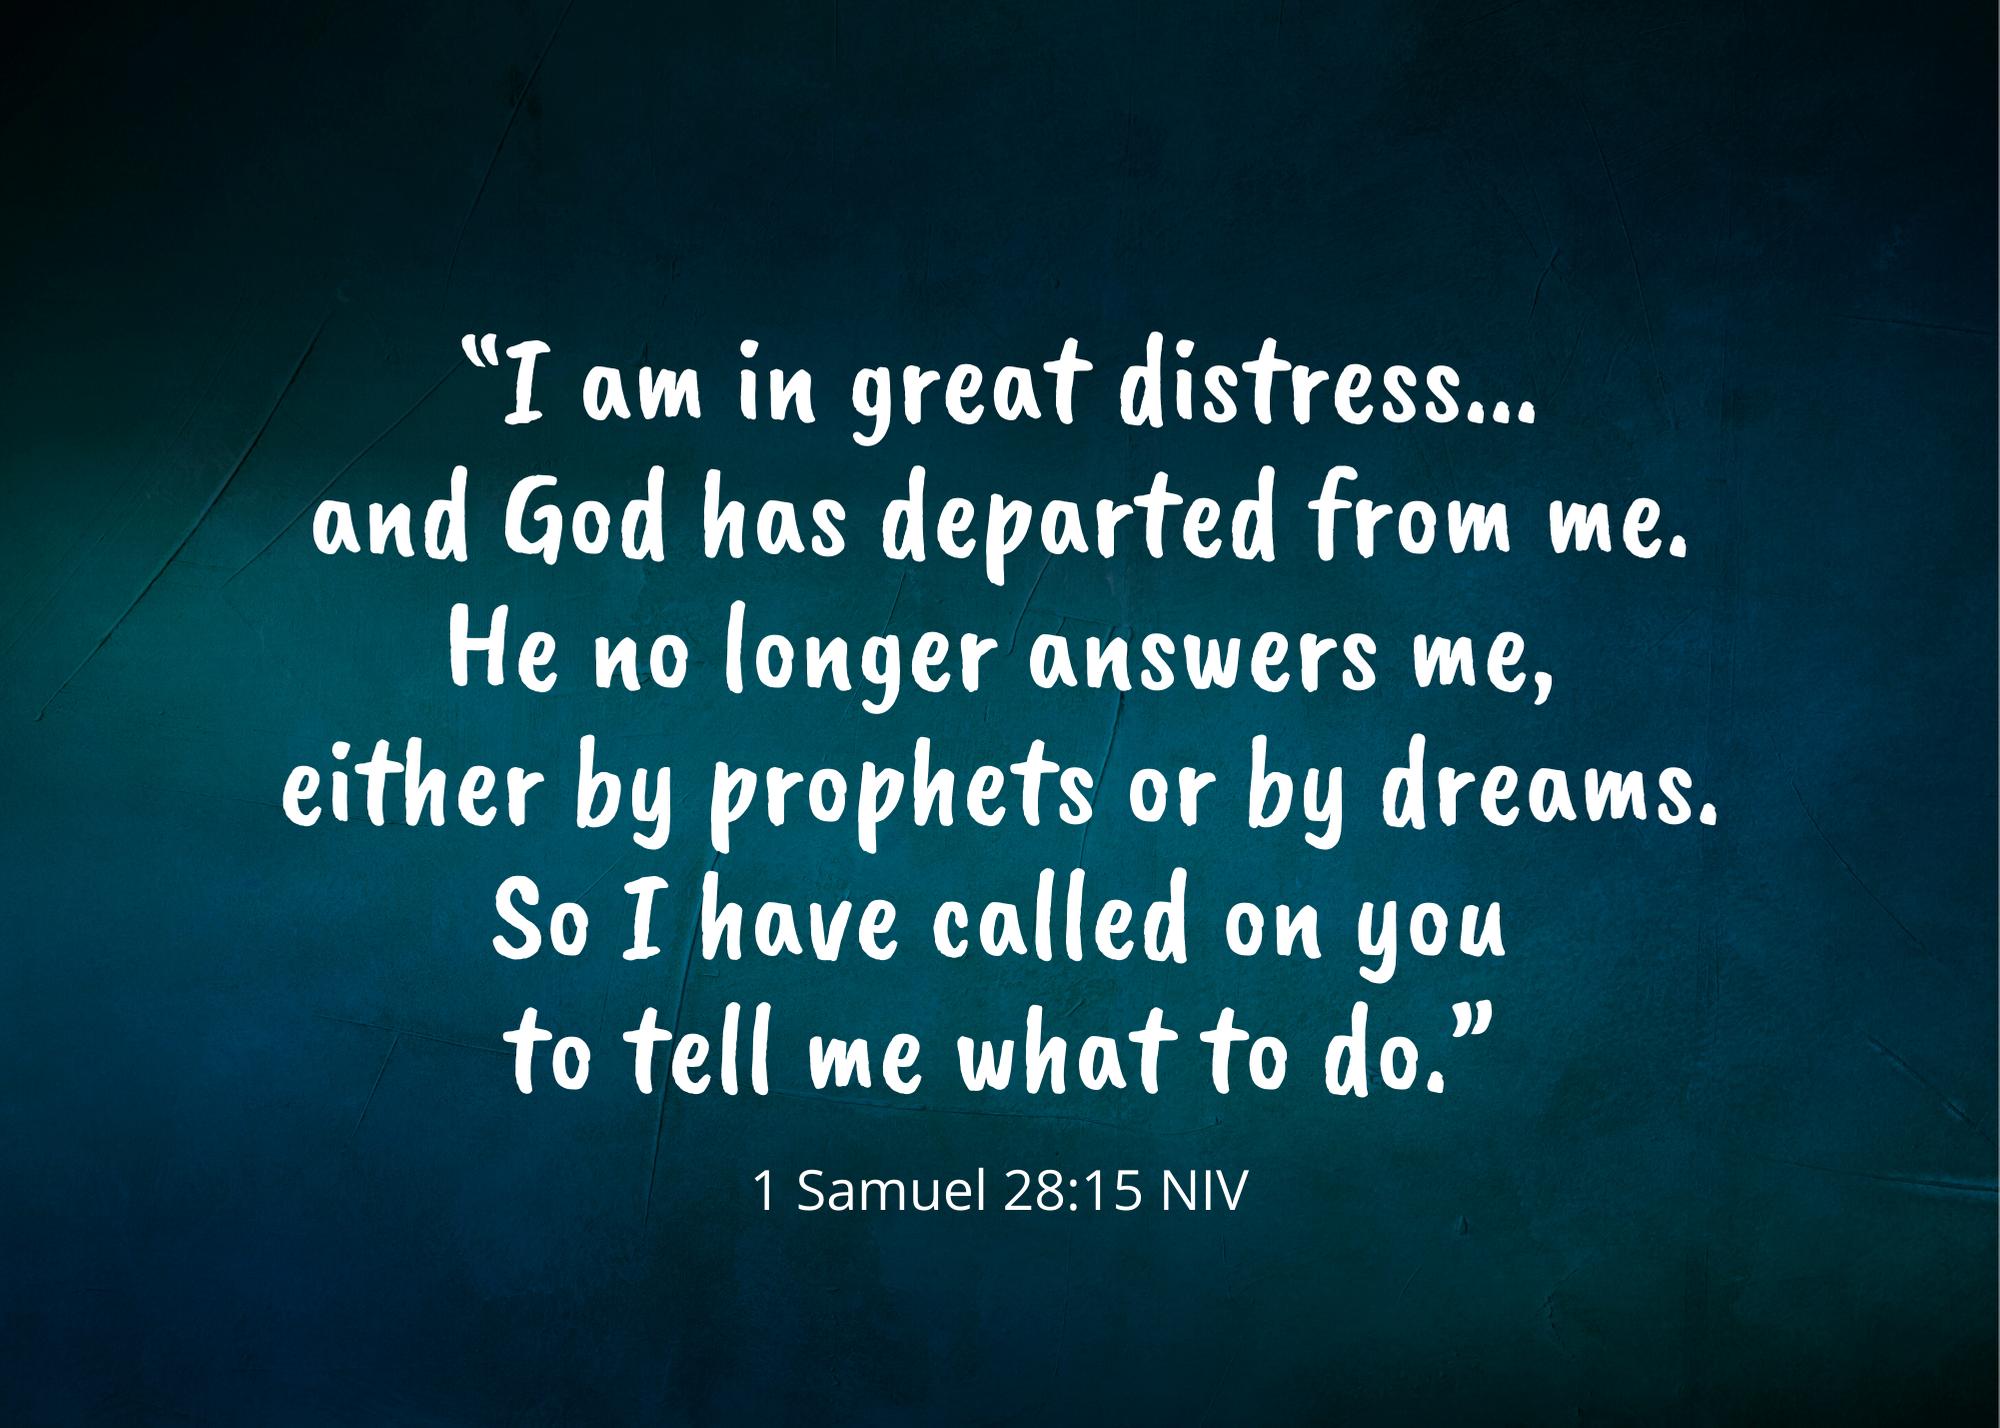 1 Samuel 28 15 NIV